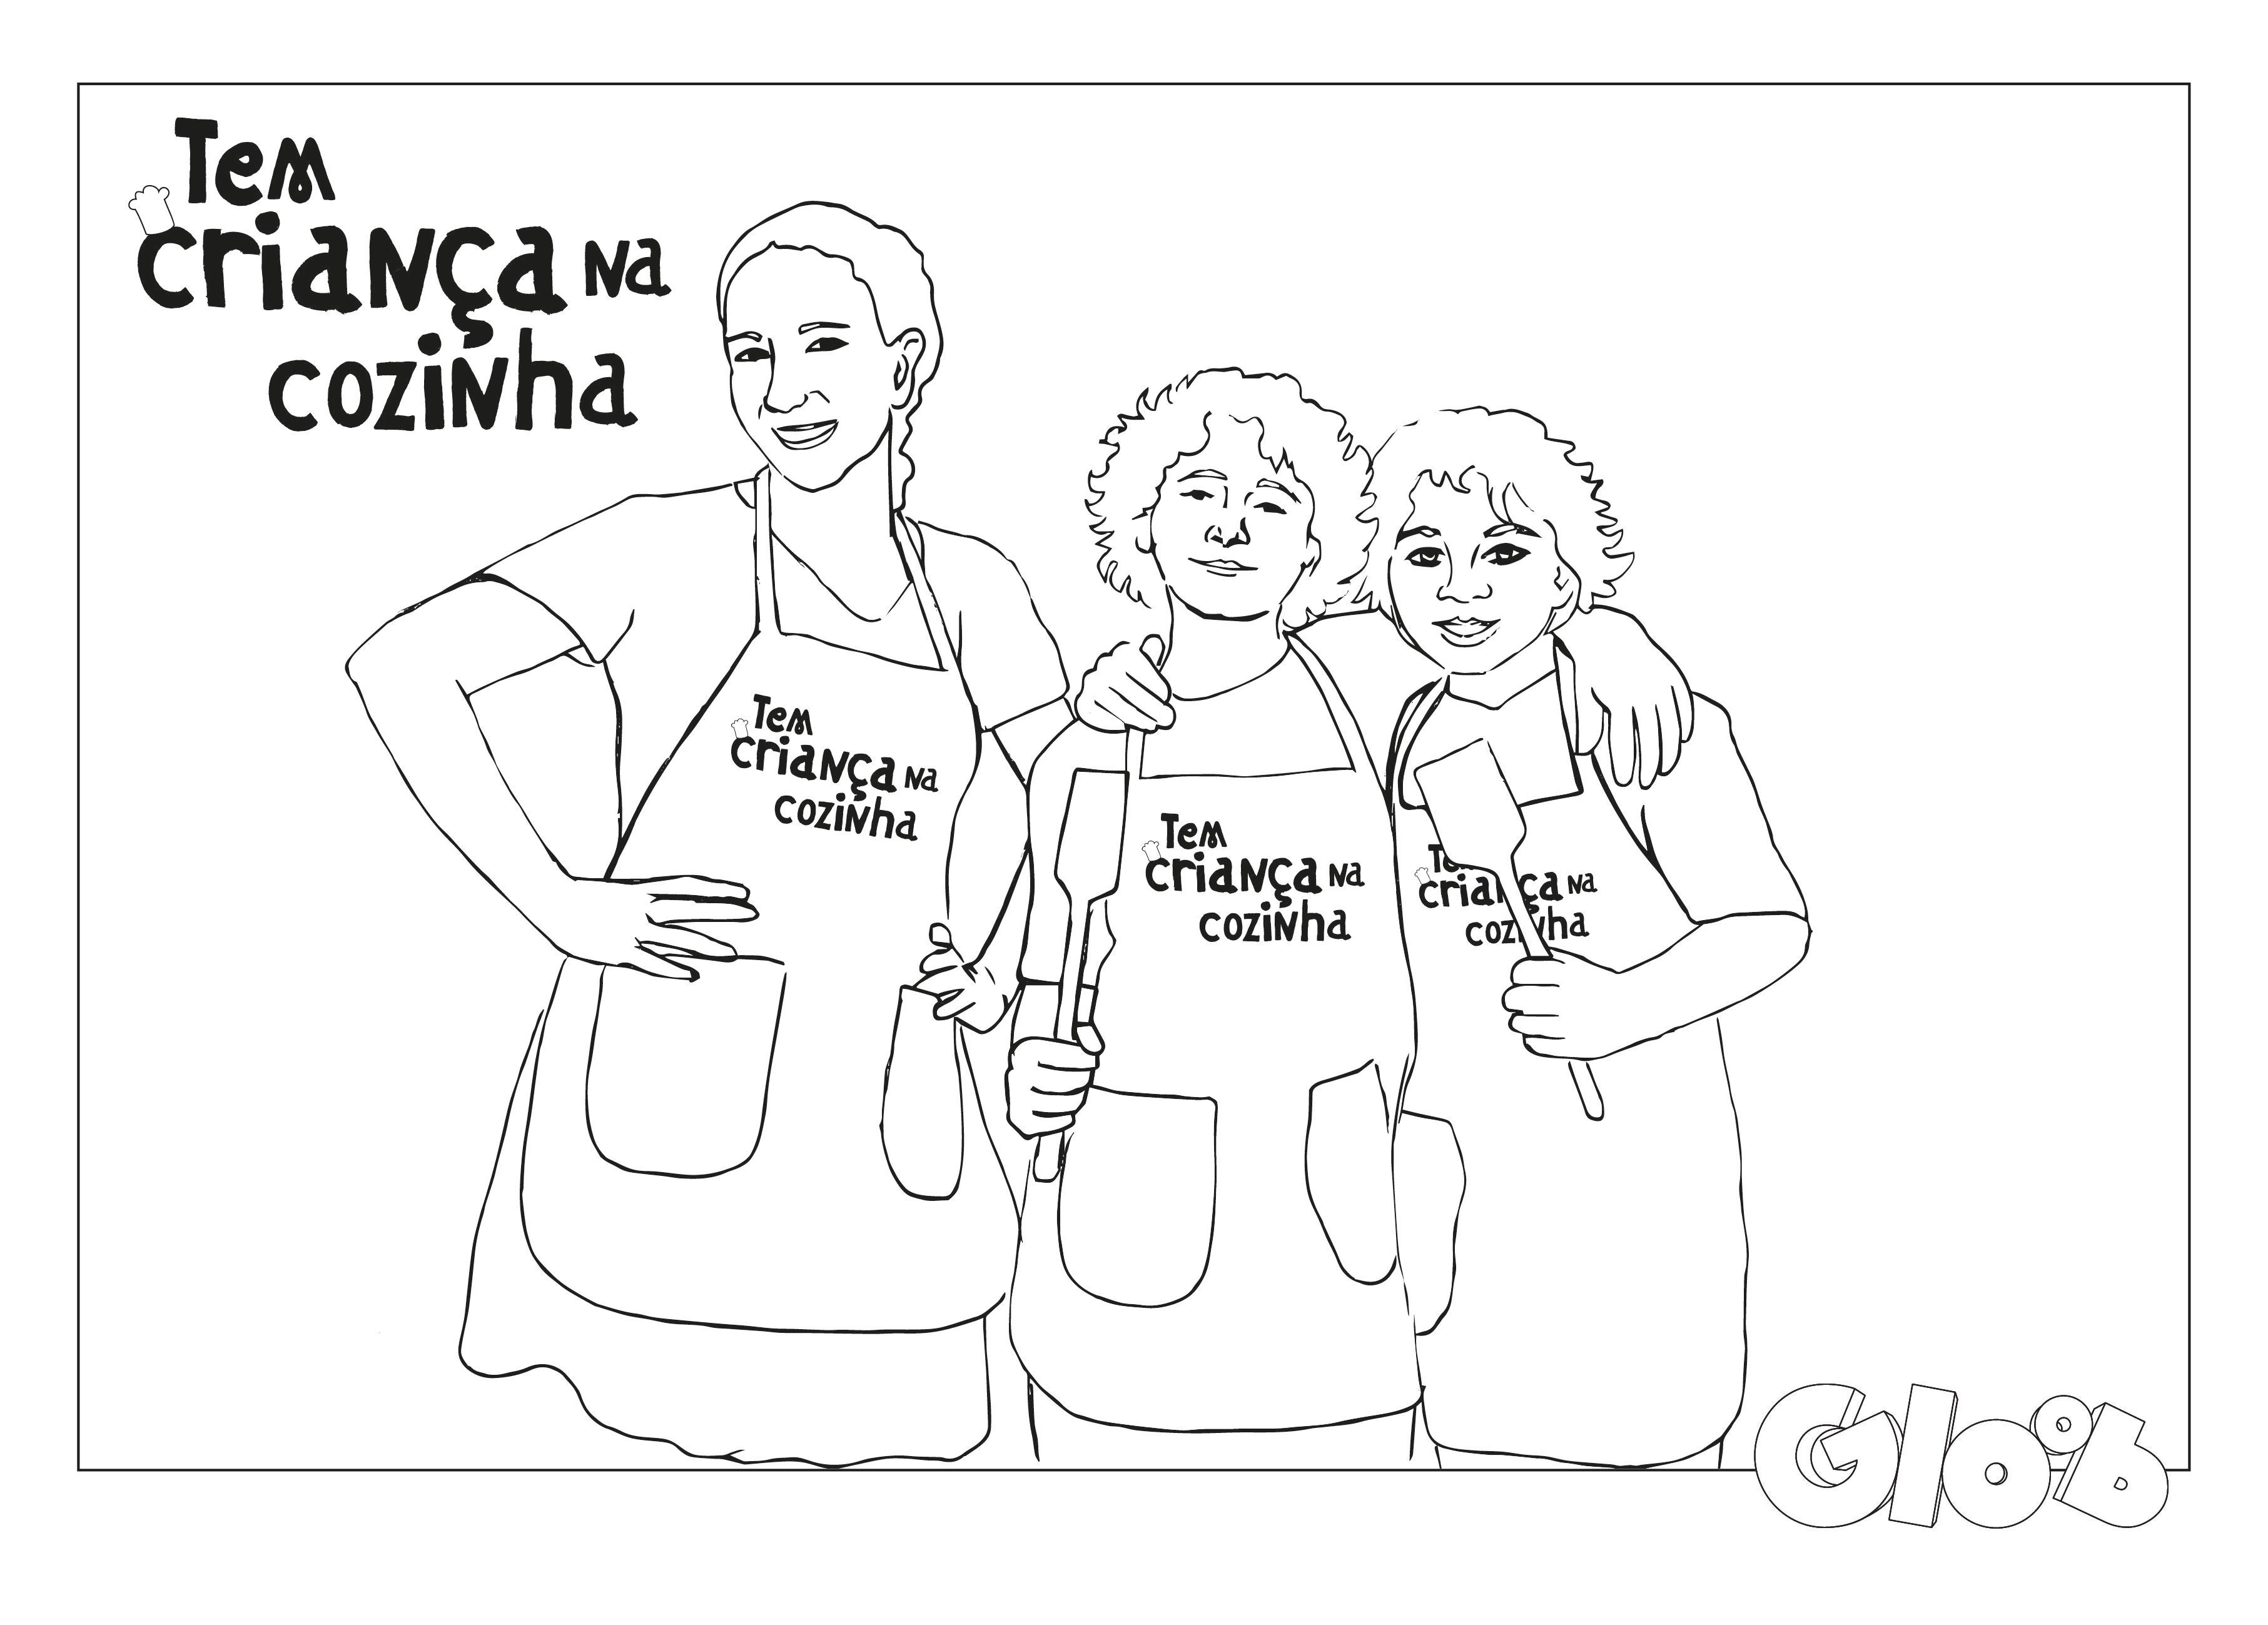 Talheres e Chefs Atividades Tem Criança na Cozinha Mundo Gloob #242422 3626 2598